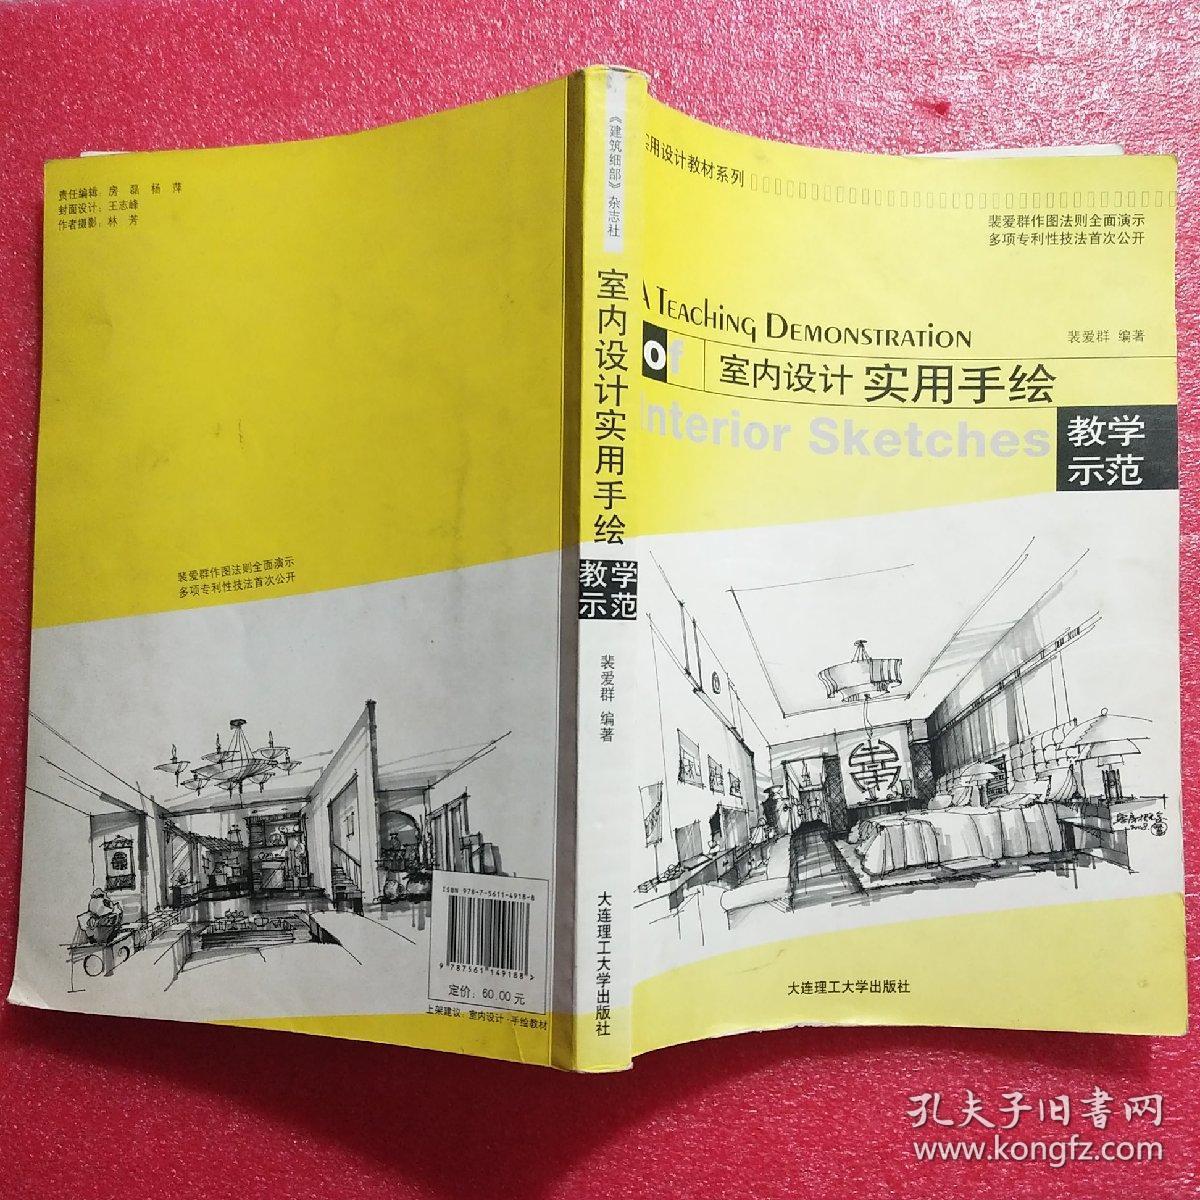 本书是《室内设计实用手绘教程》(2008年大连理工大学出版社)的姊妹篇。是为了彻底解决目前行业教材学术误导、空洞教学的根本需要而著的。   本书详细分解室内设计实用手绘从基础到提高的每一步过程,详尽介绍了多个室内设计手绘绘制中的专利方法和实战技巧,通过大量图例论述了职业技能考试中经常出现的问题与不足。是《室内设计实用手绘教程》配套使用的全新教材,适合于各大专院校、职业培训院校教材使用,也适合于室内设计师自身手绘能力提高。   裴爱群,国家室内设计师职业技能鉴定标准开发组成员,高级室内设计师,室内设计实